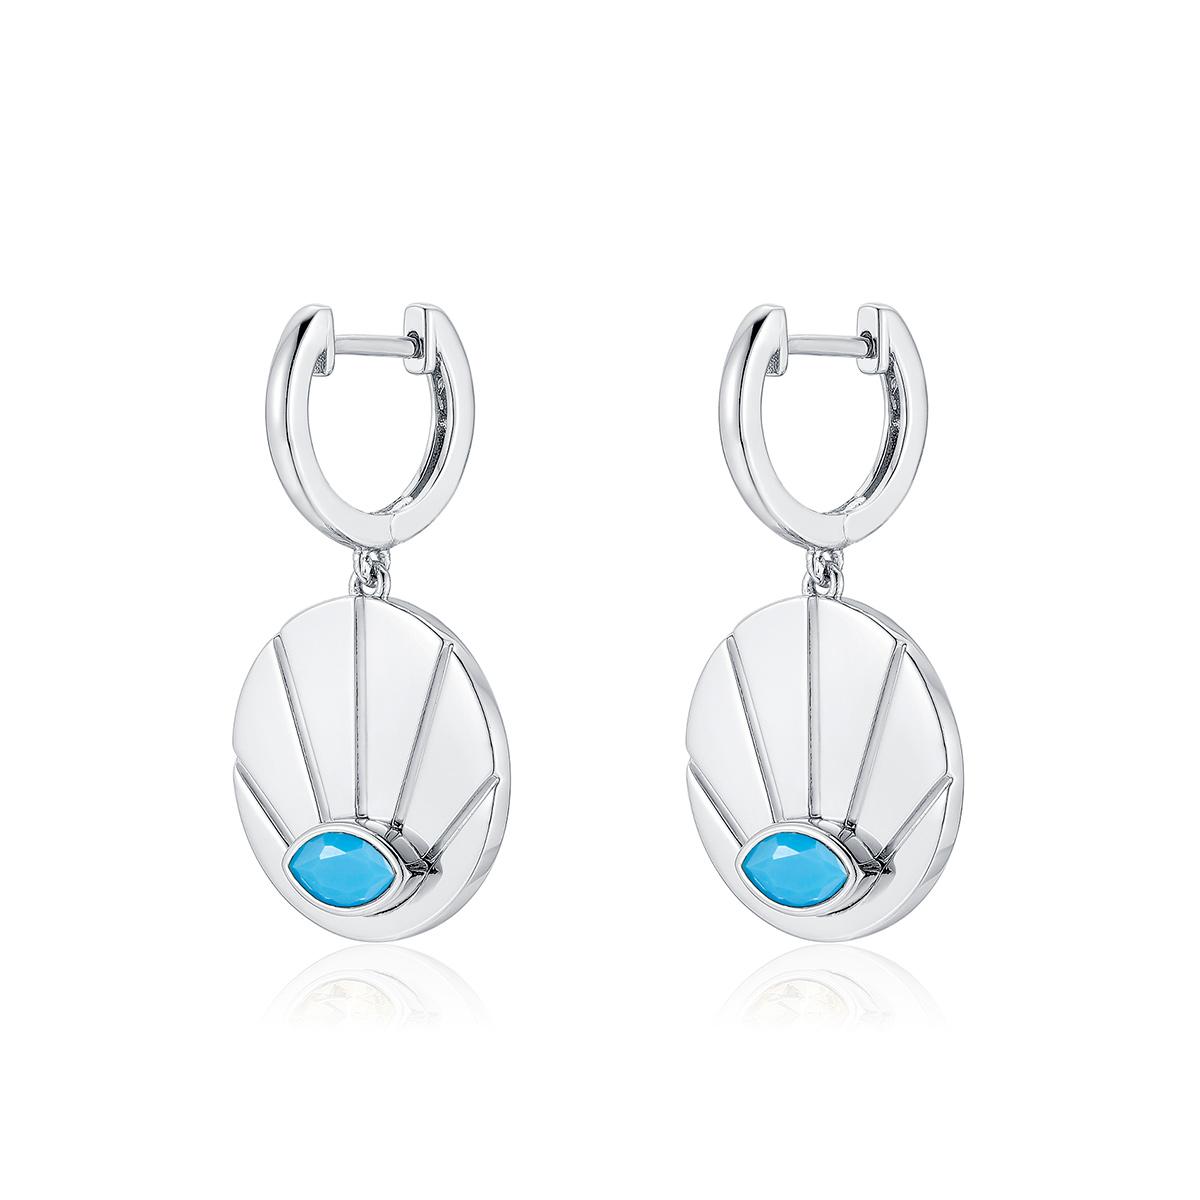 Sunrise-earrings-silver